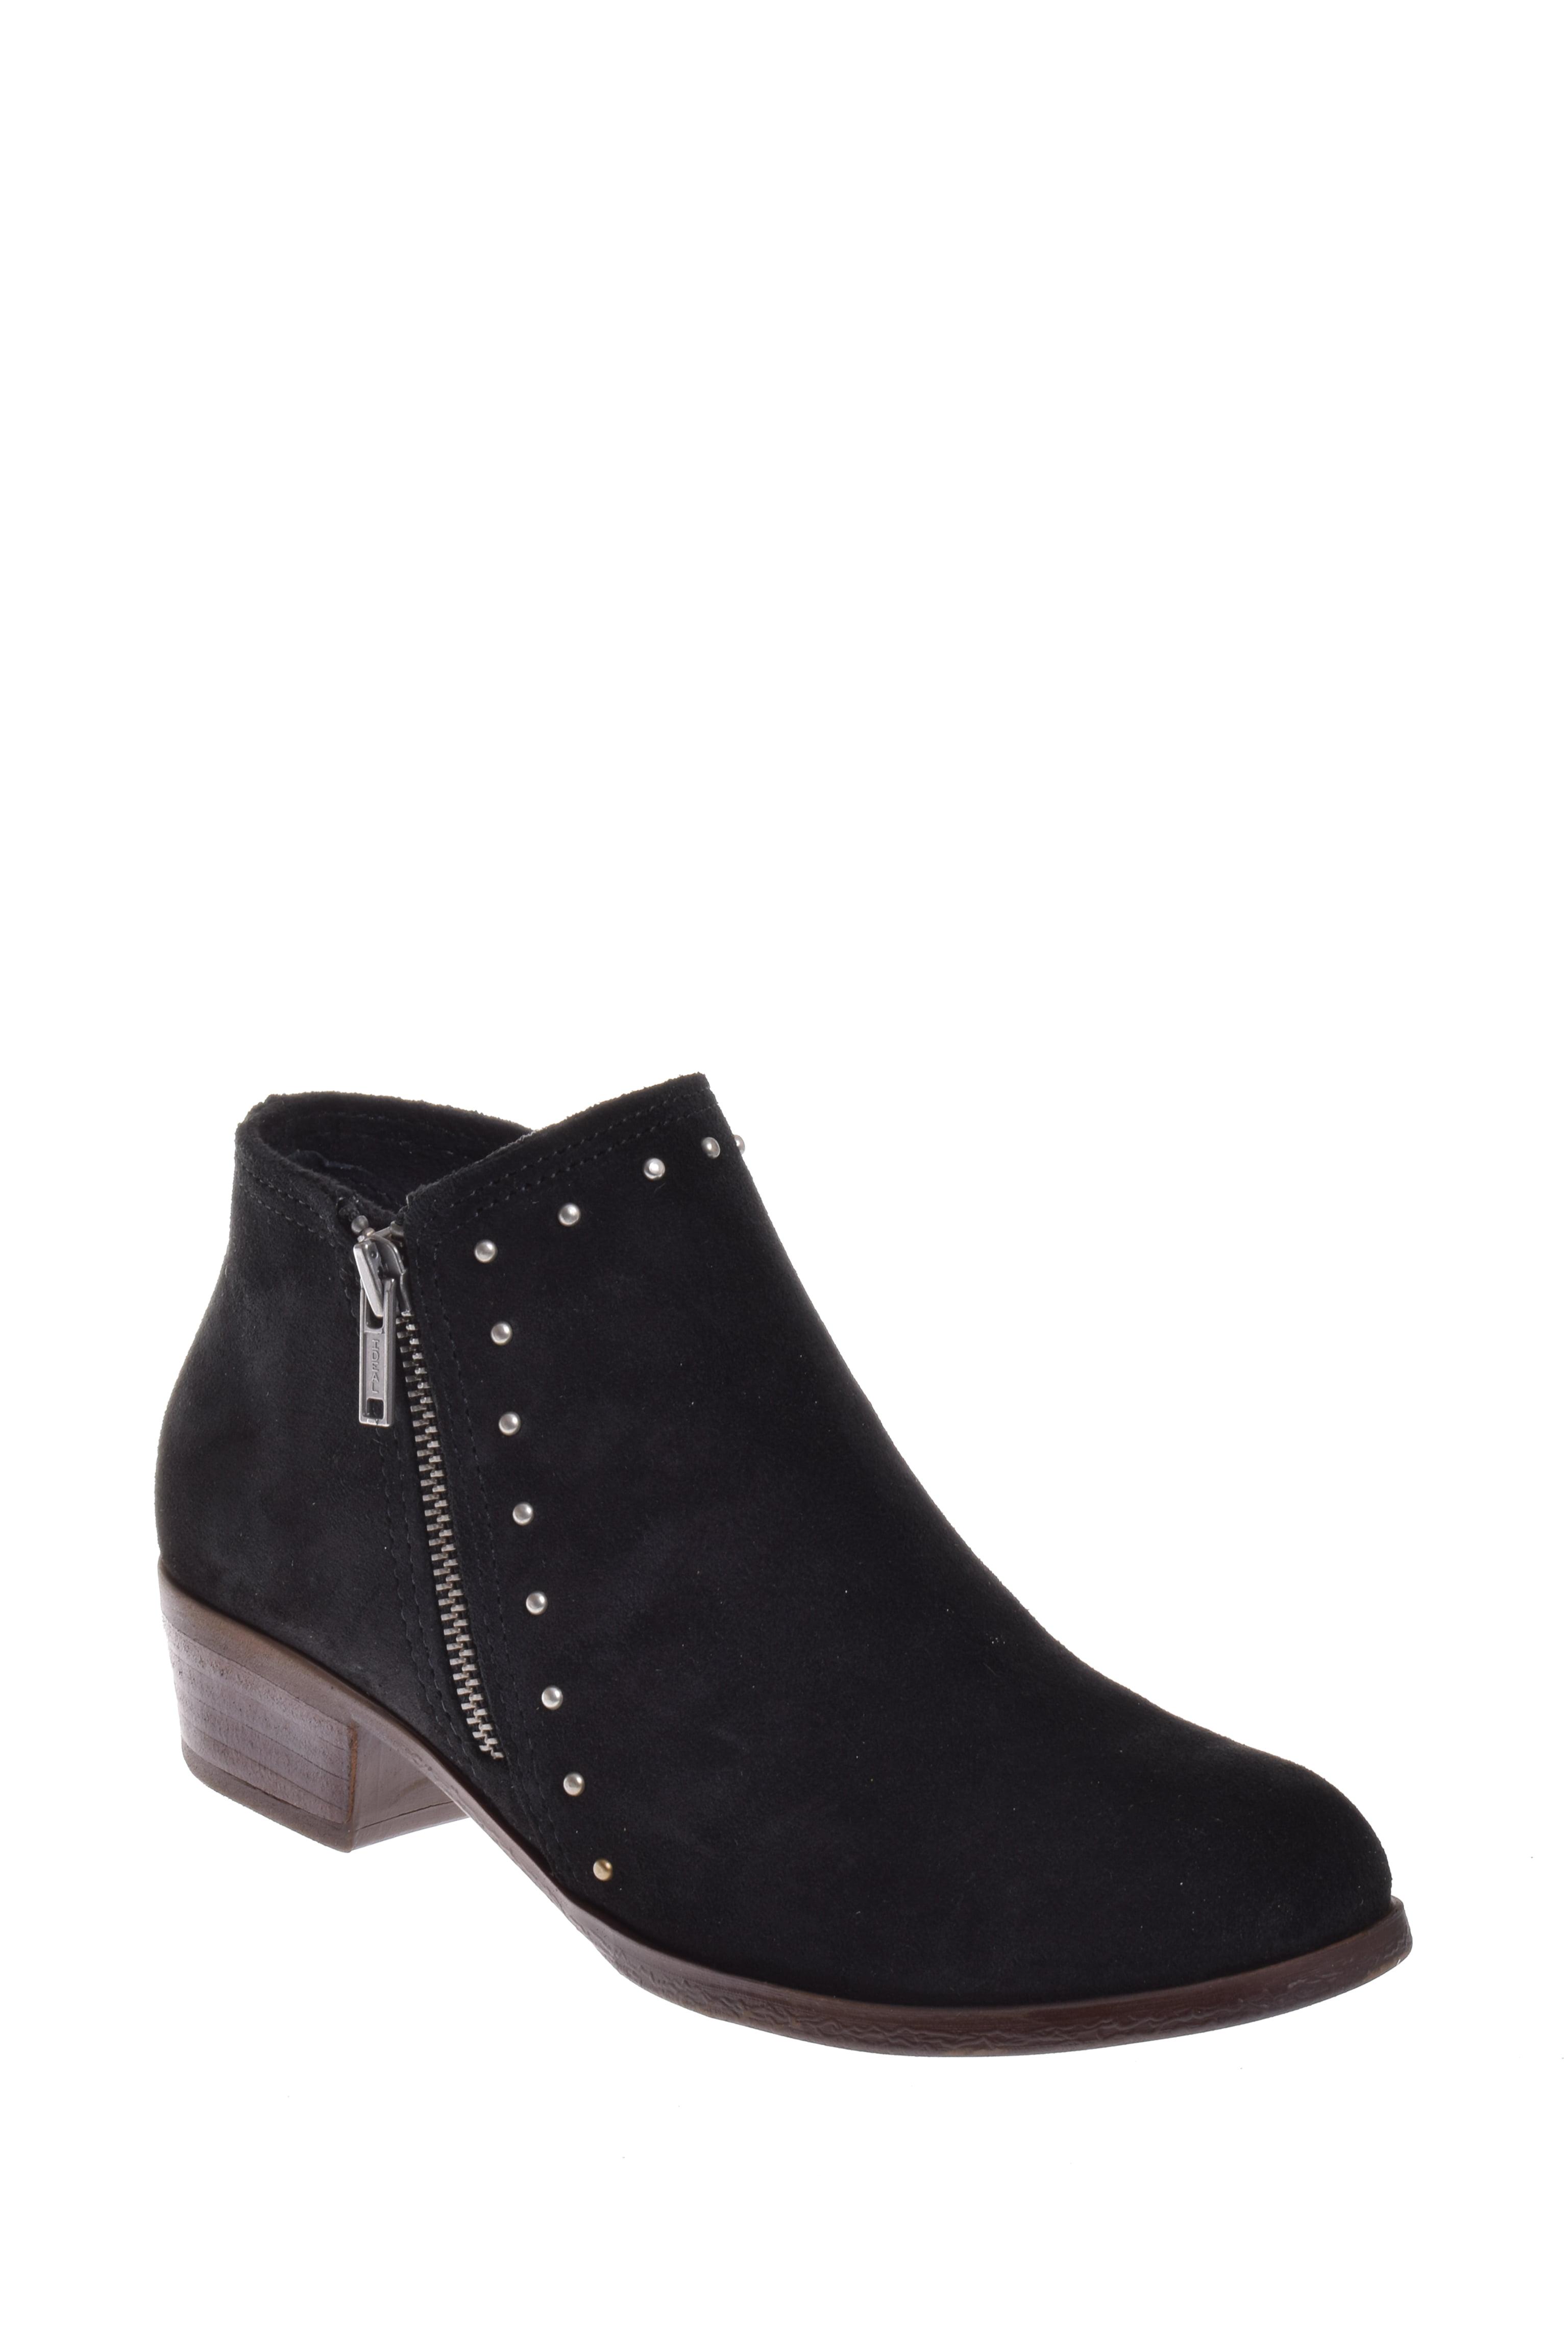 Minnetonka Brie Low Heel Bootie Black by